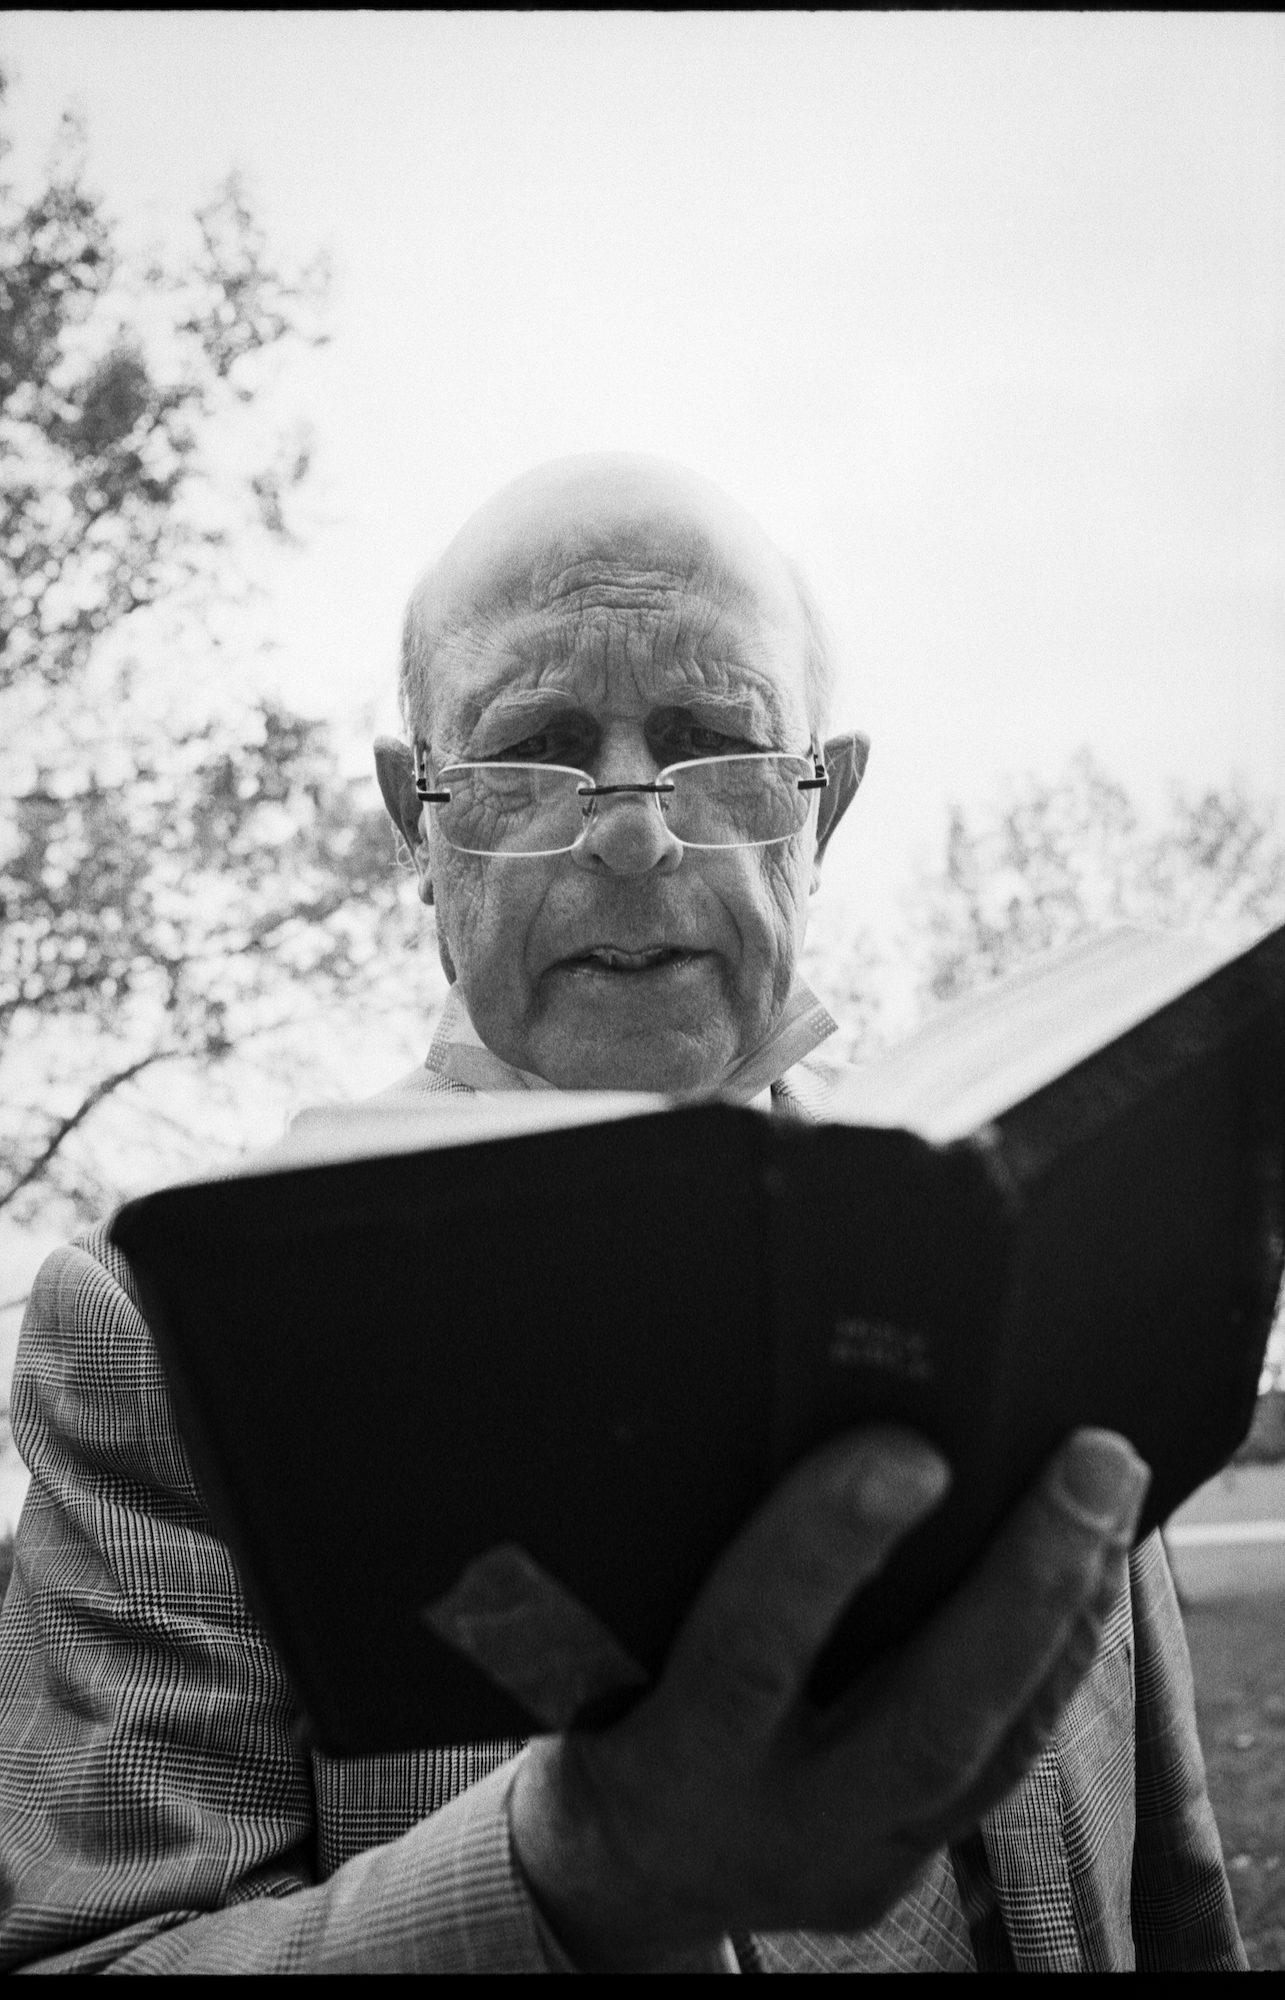 Preacher 2 © Brunel Johnson